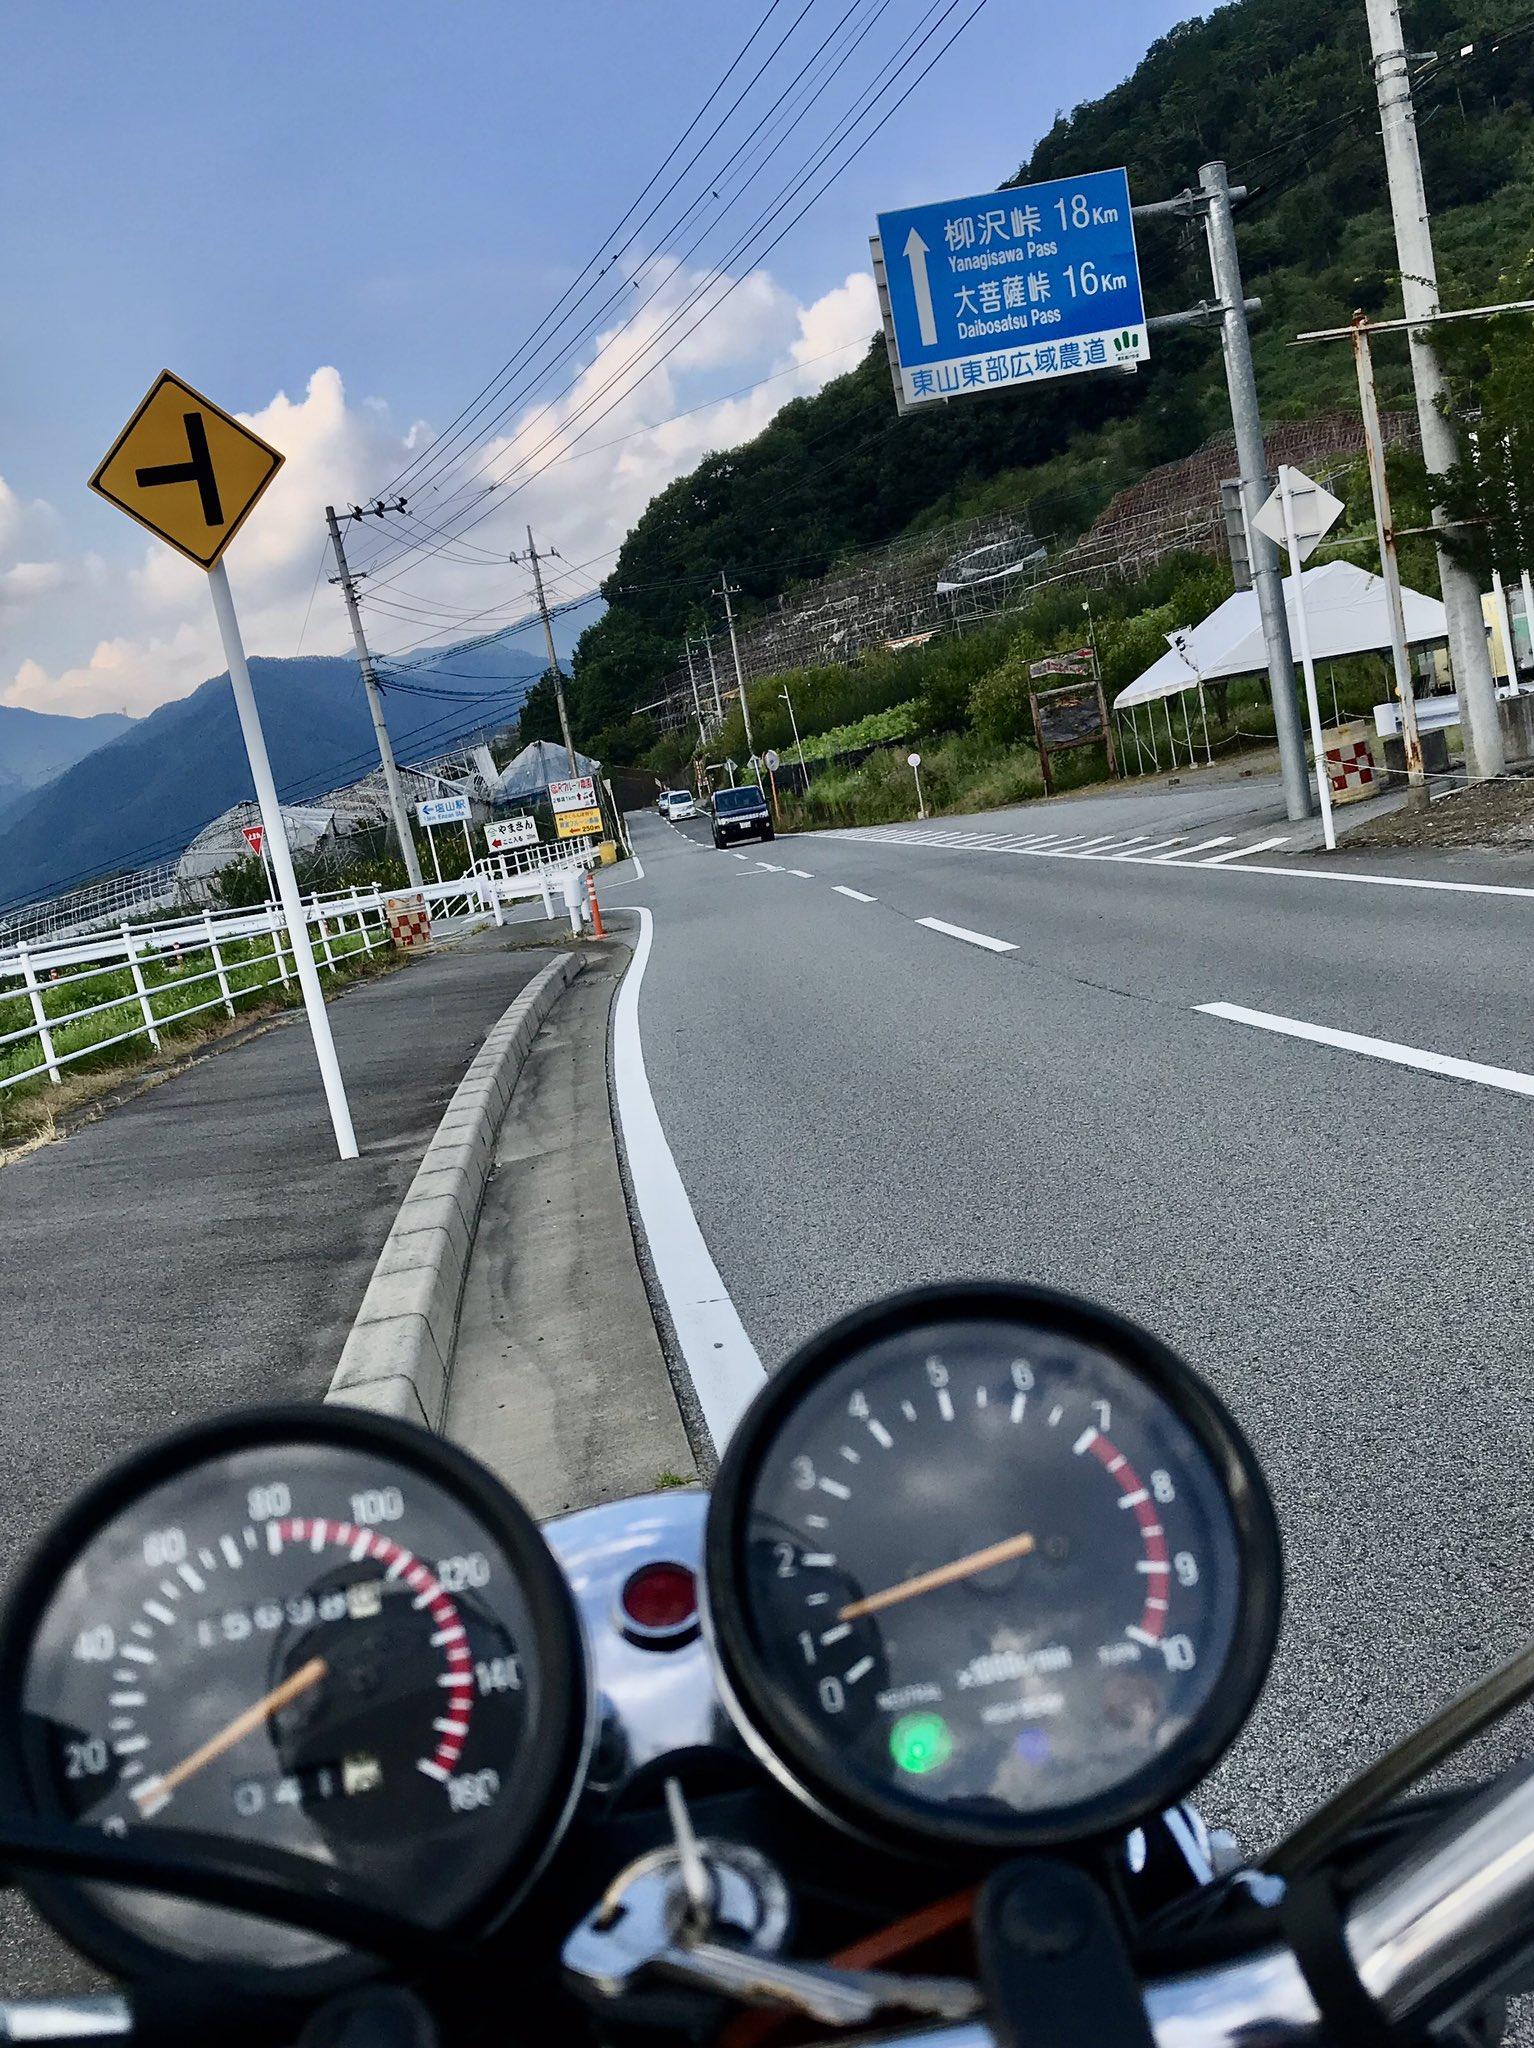 画像,中央道上り、勝沼付近で事故、大渋滞。これでそのまま高速でUターンという選択肢消えました。。ETCは問題ナシなので、いつもの涼しい道でのんびり帰ろう。 https…